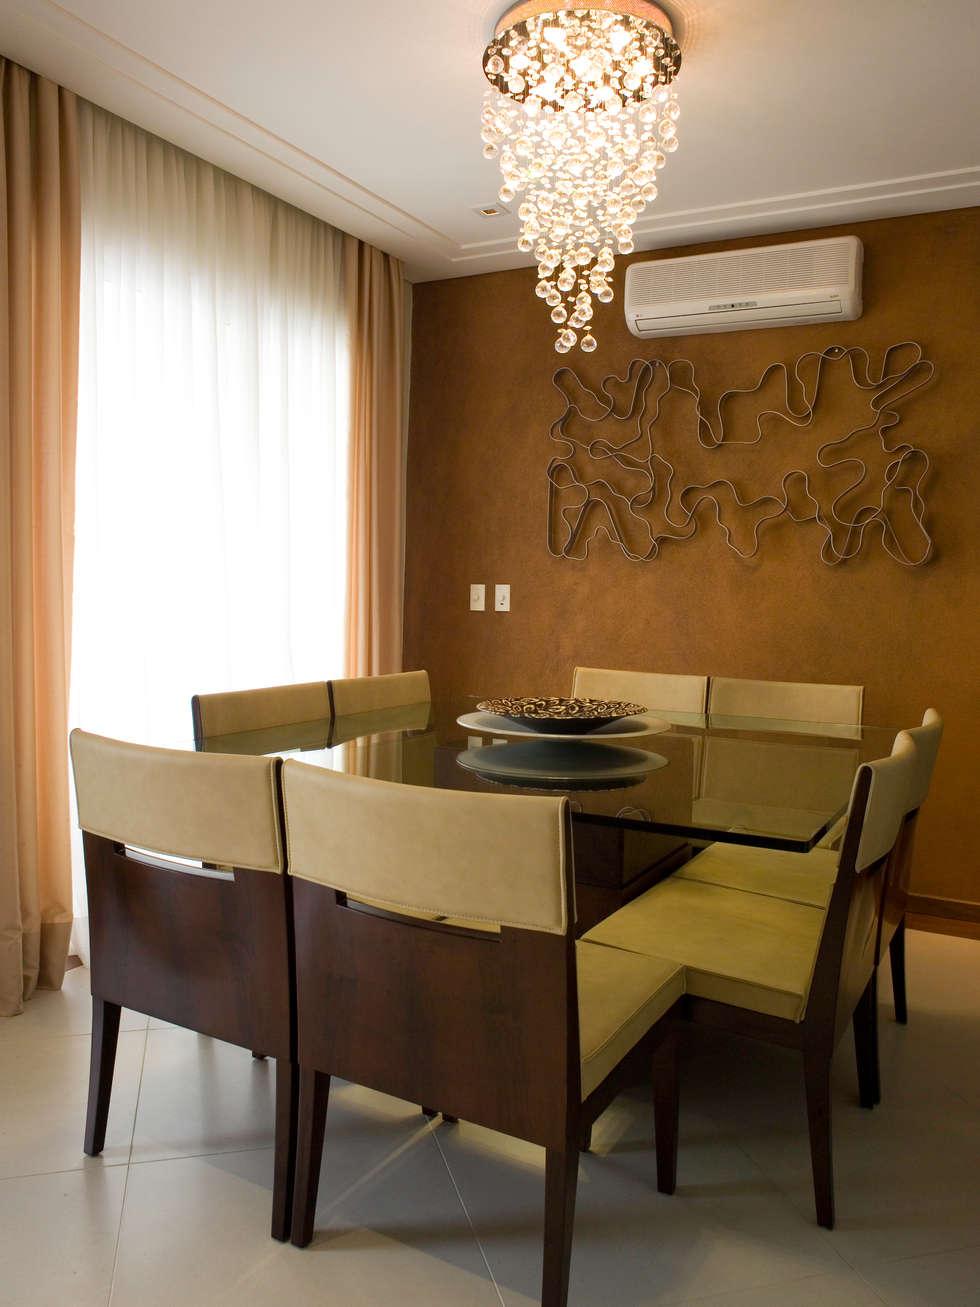 Sala de jantar: Salas de jantar clássicas por Flávia Brandão - arquitetura, interiores e obras